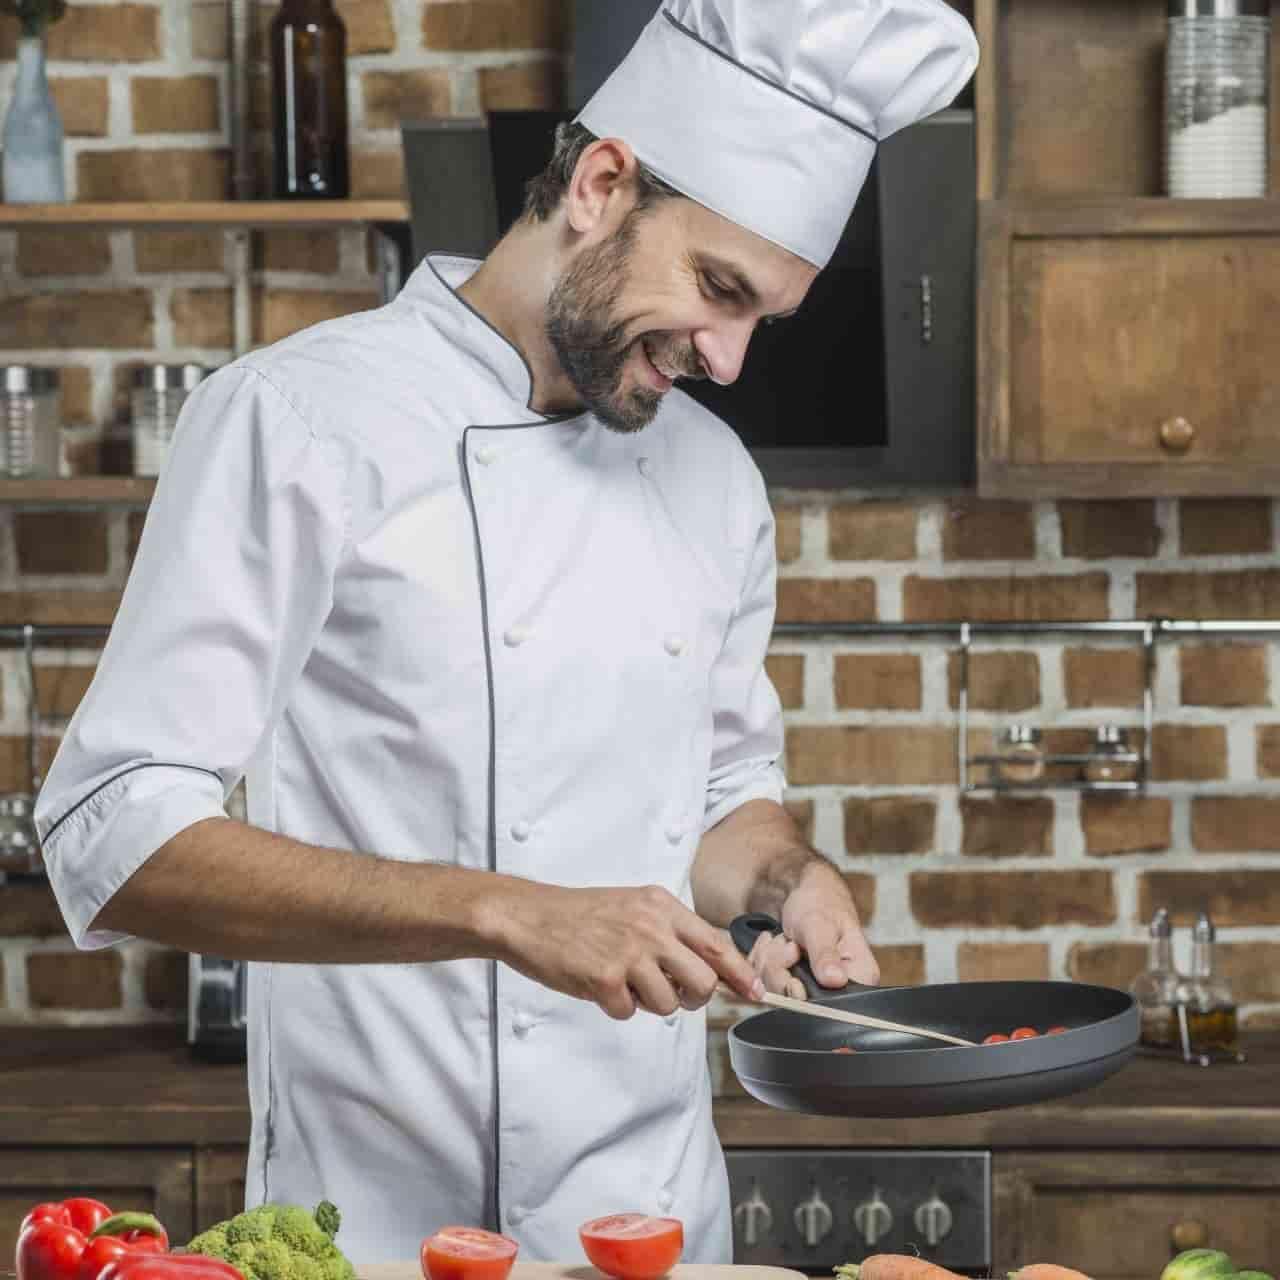 نمونه قرارداد رستوران با پرسنل